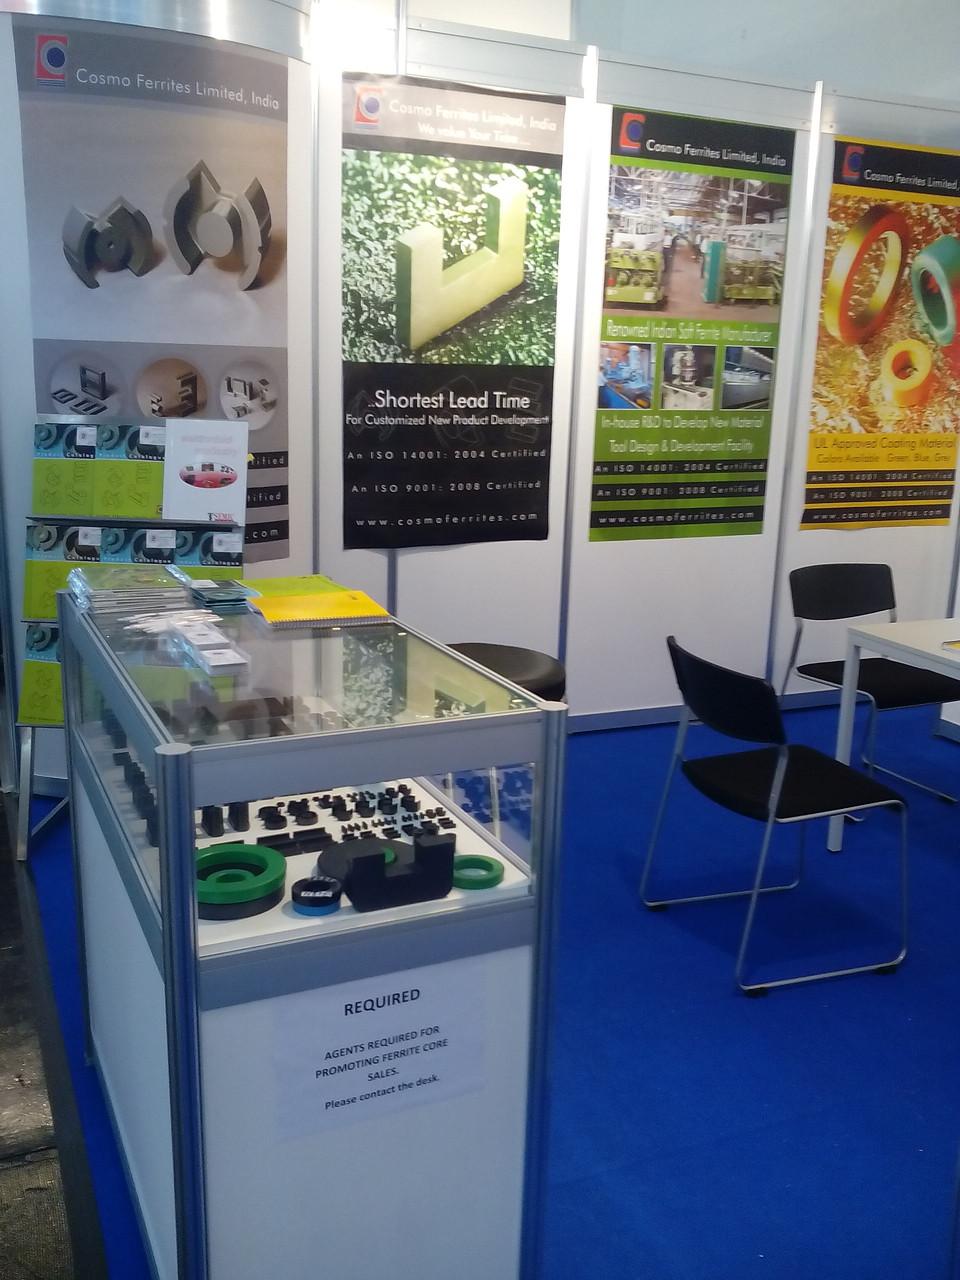 ヨーロッパや米国、ロシアなどで 展示会に参加し、日本では Automotive展と バッテリー展に参加します。